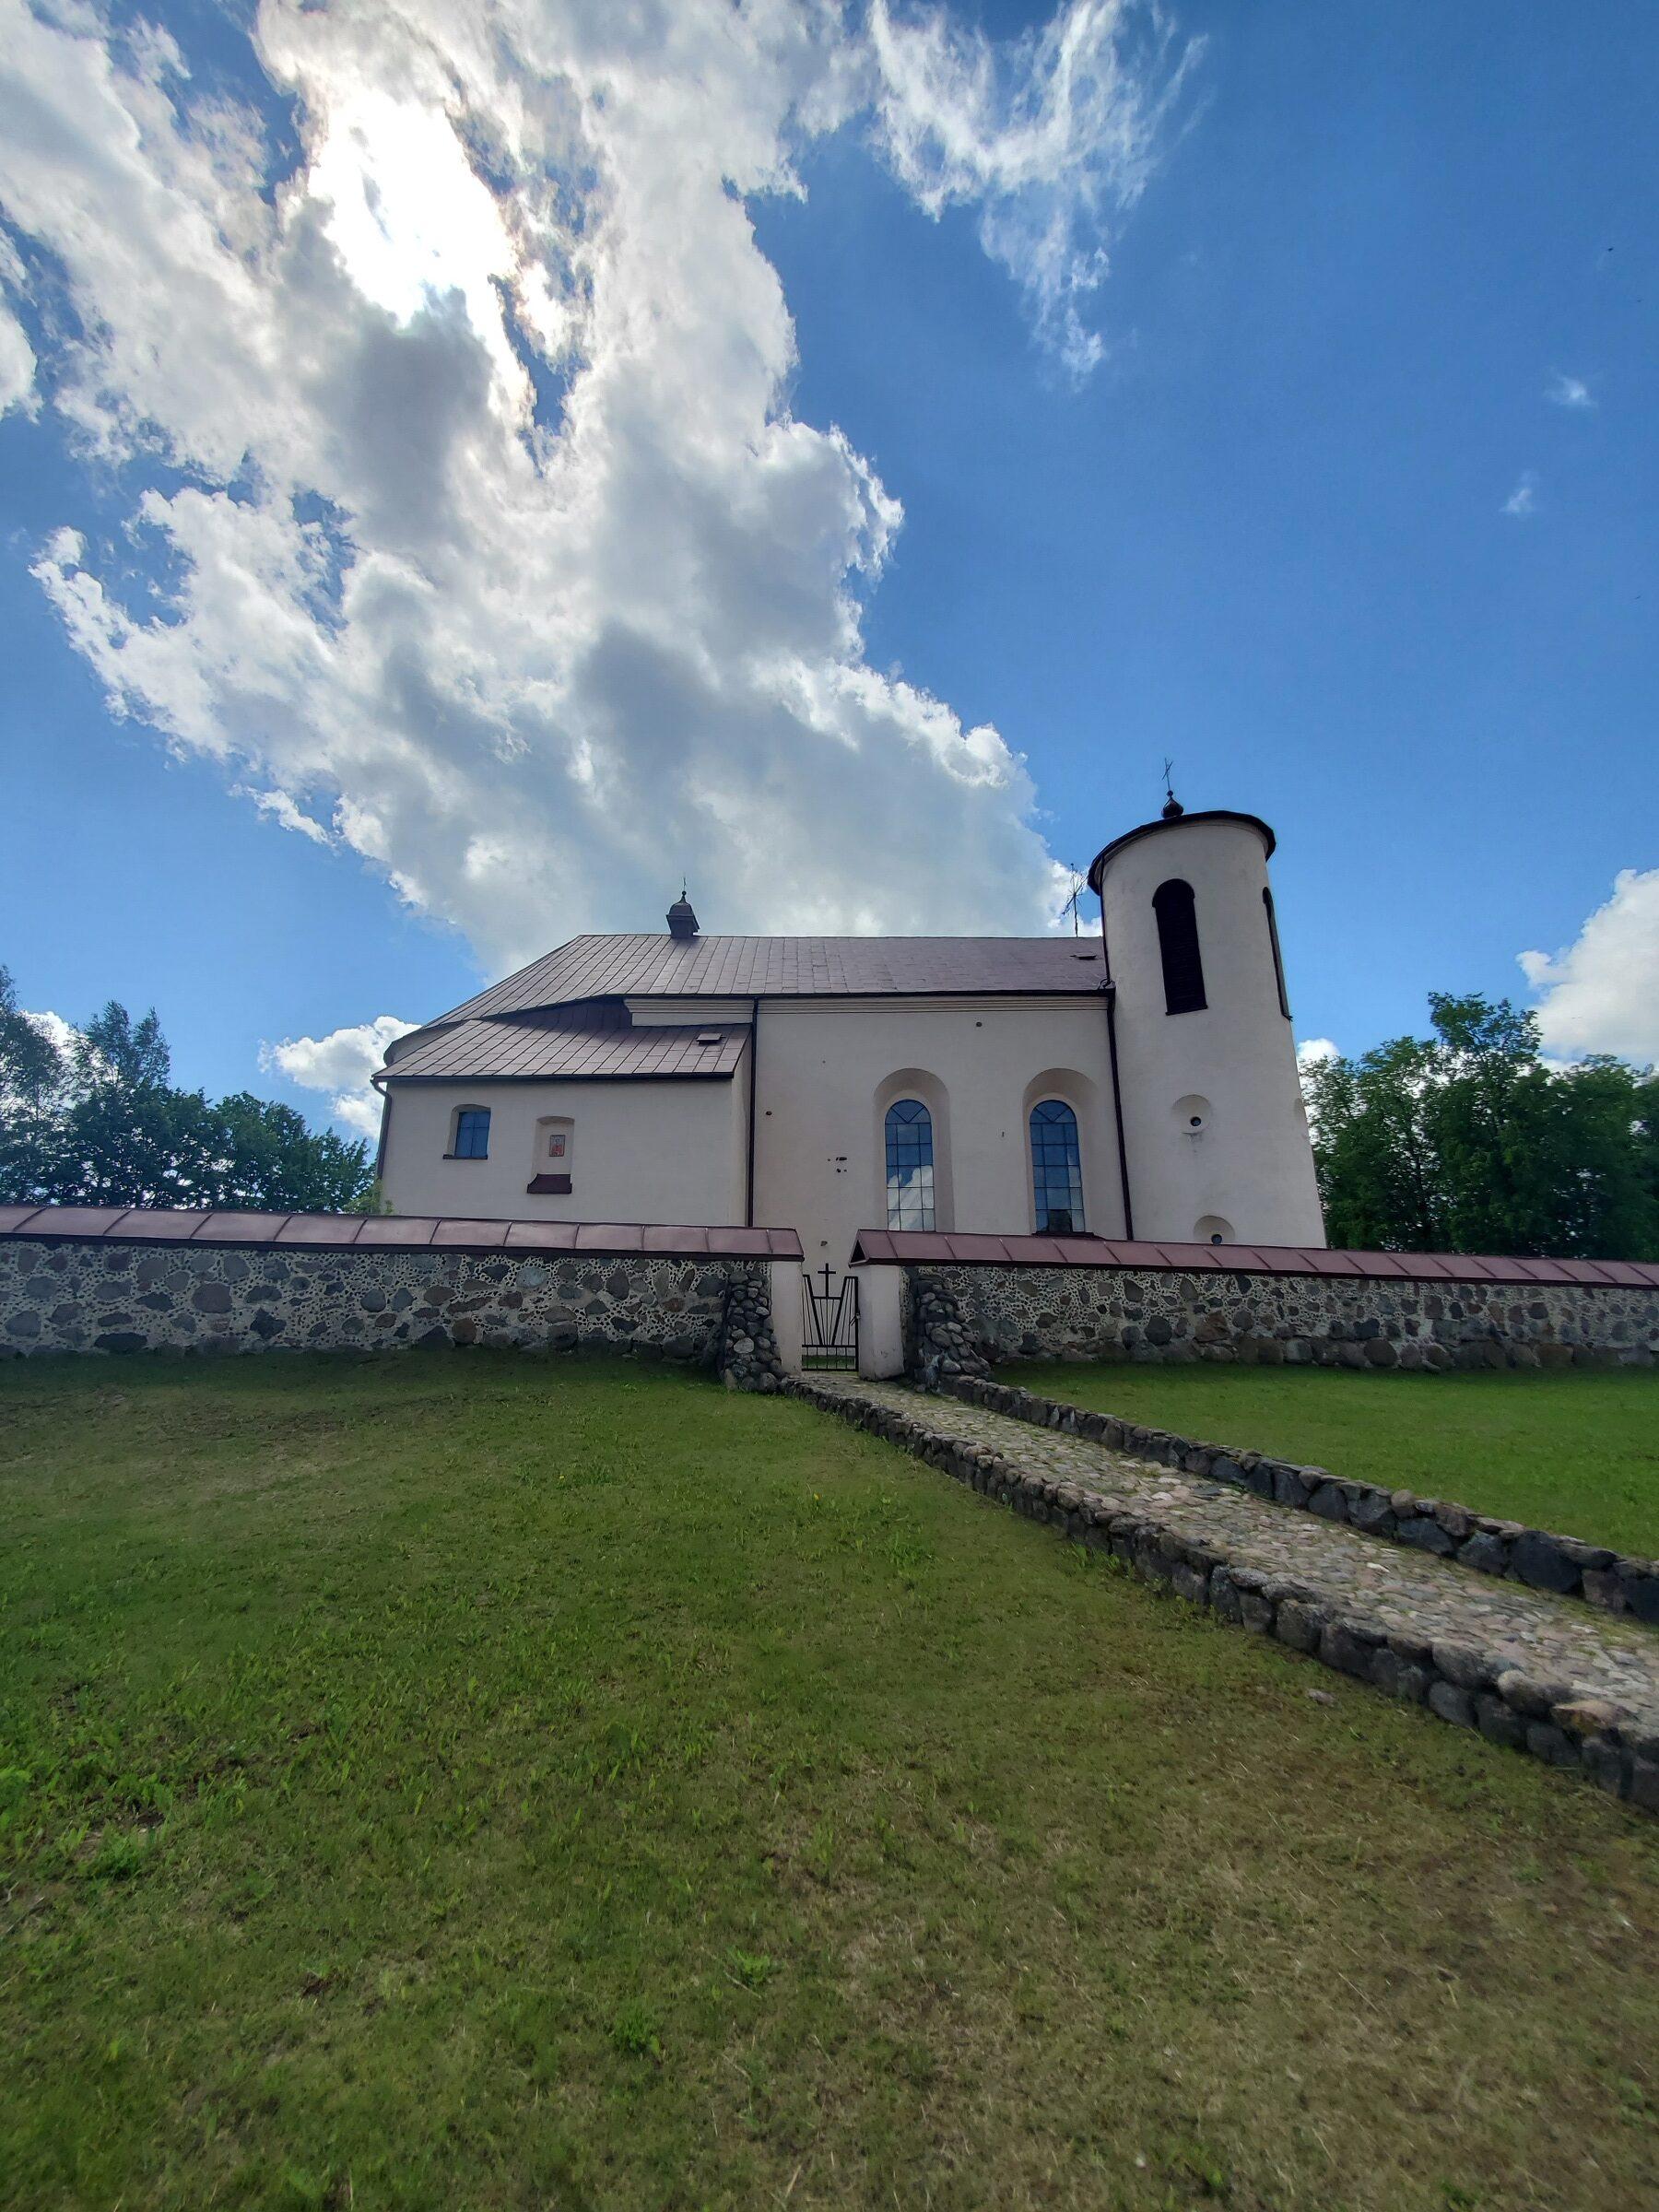 20200606 115745 rotated - Костел Св. Иоанна Крестителя в агрогородке Камаи